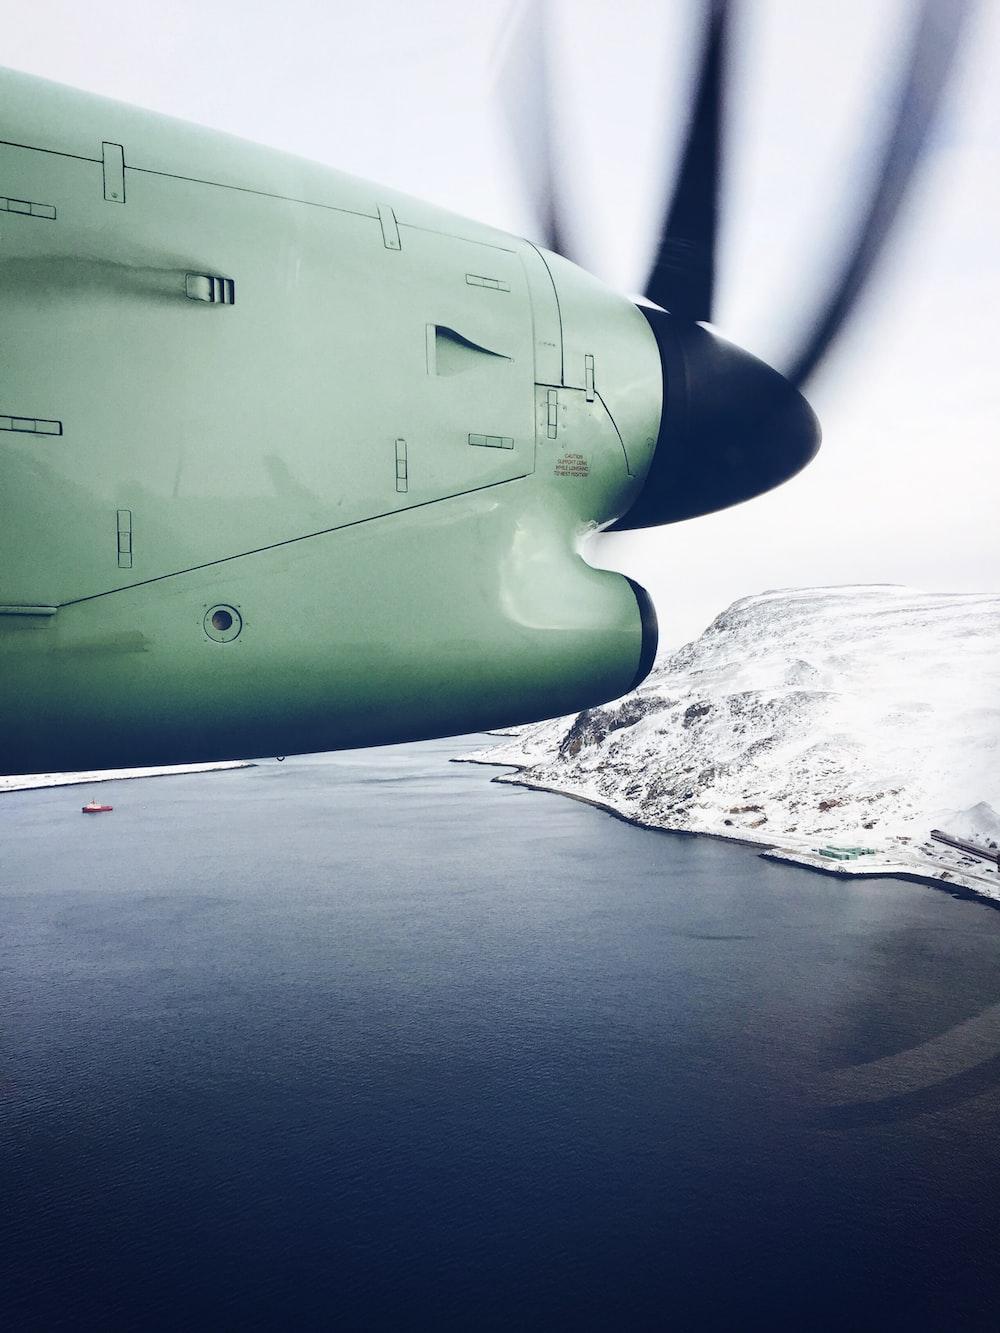 white plane flying over lake